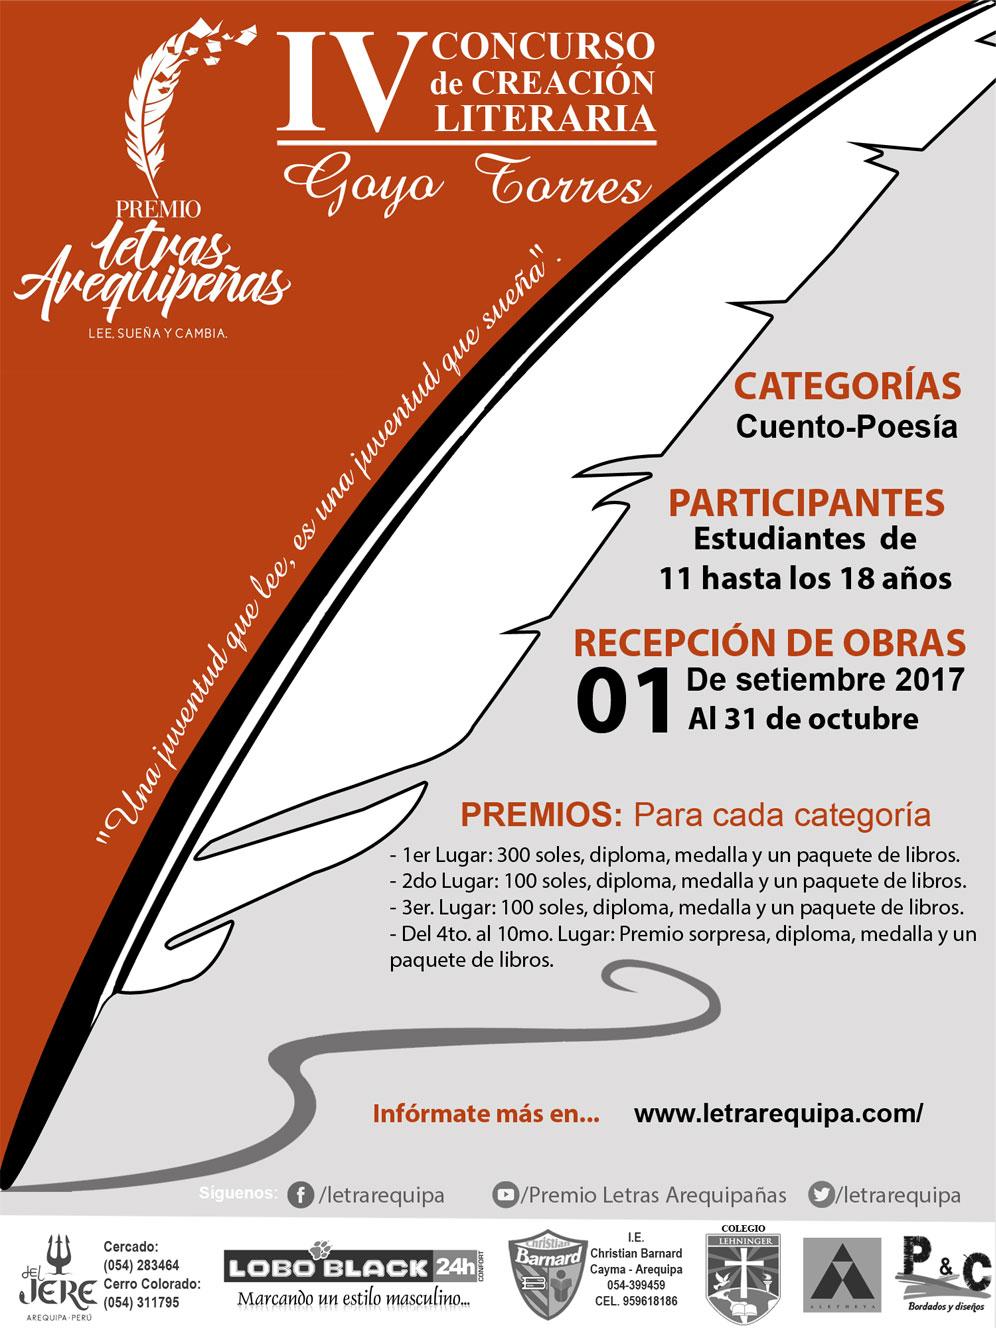 Premio Letras Arequipenas